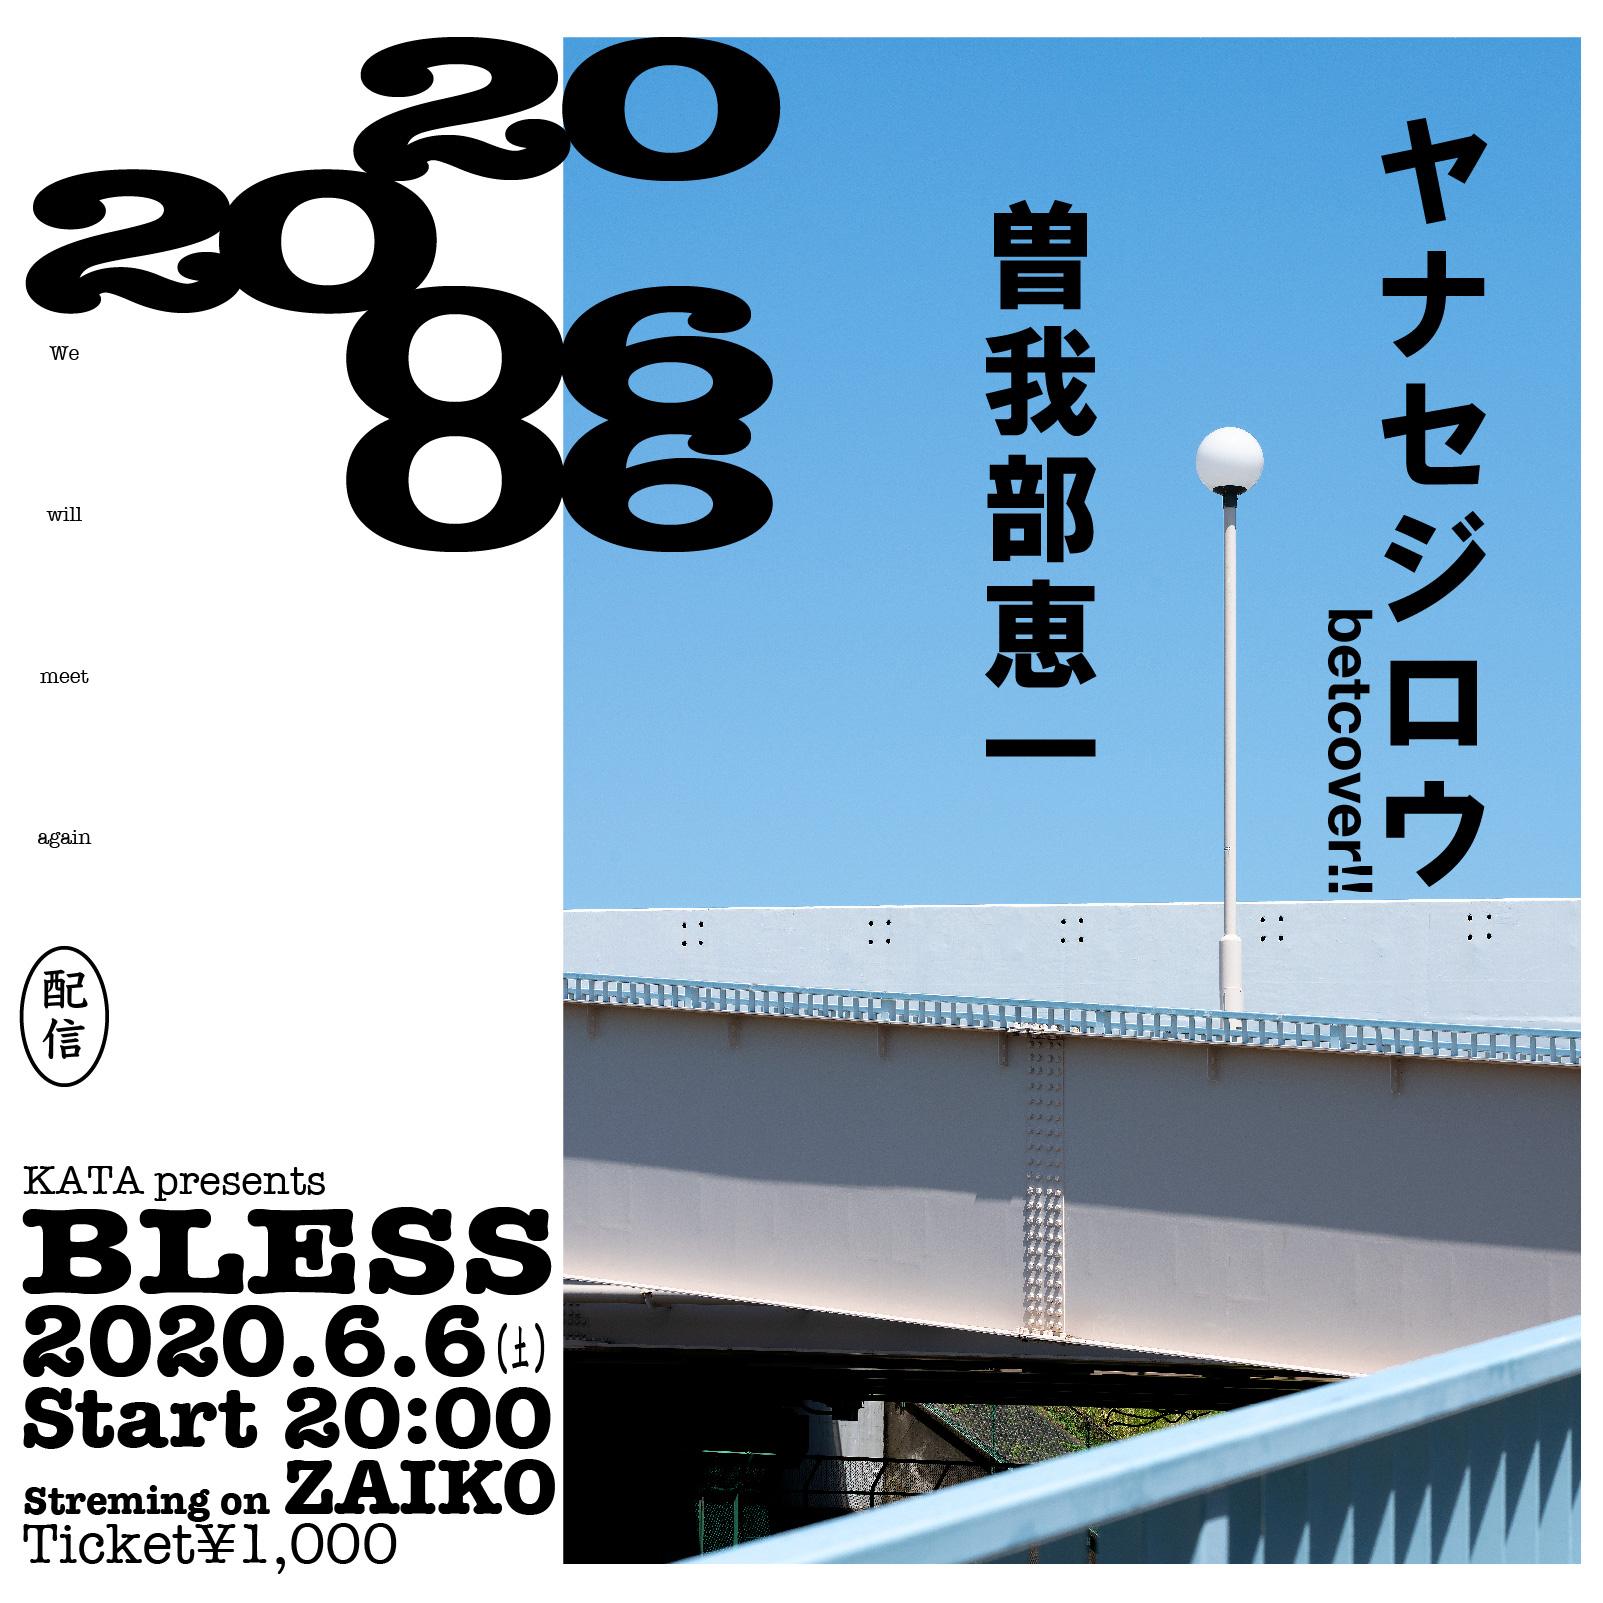 配信 KATA presents BLESS – We will meet again-